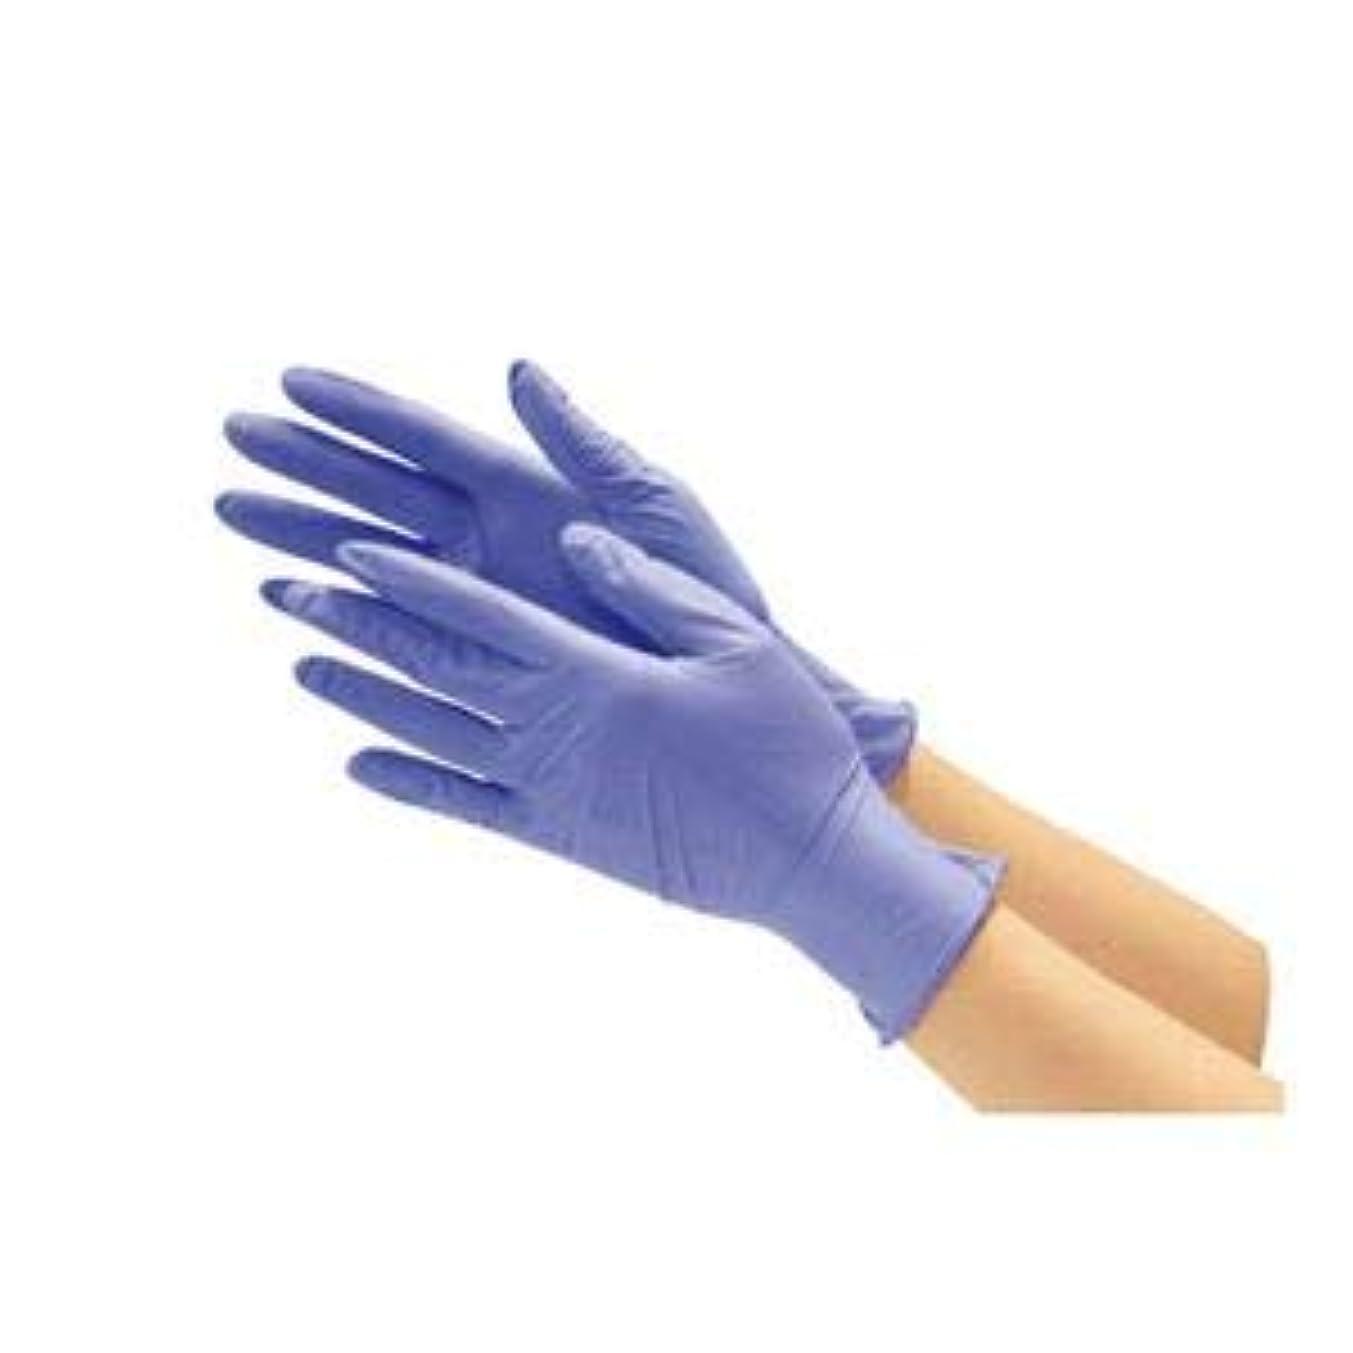 書士規制する予備川西工業 ニトリル使い切り手袋 ブルーL 10箱